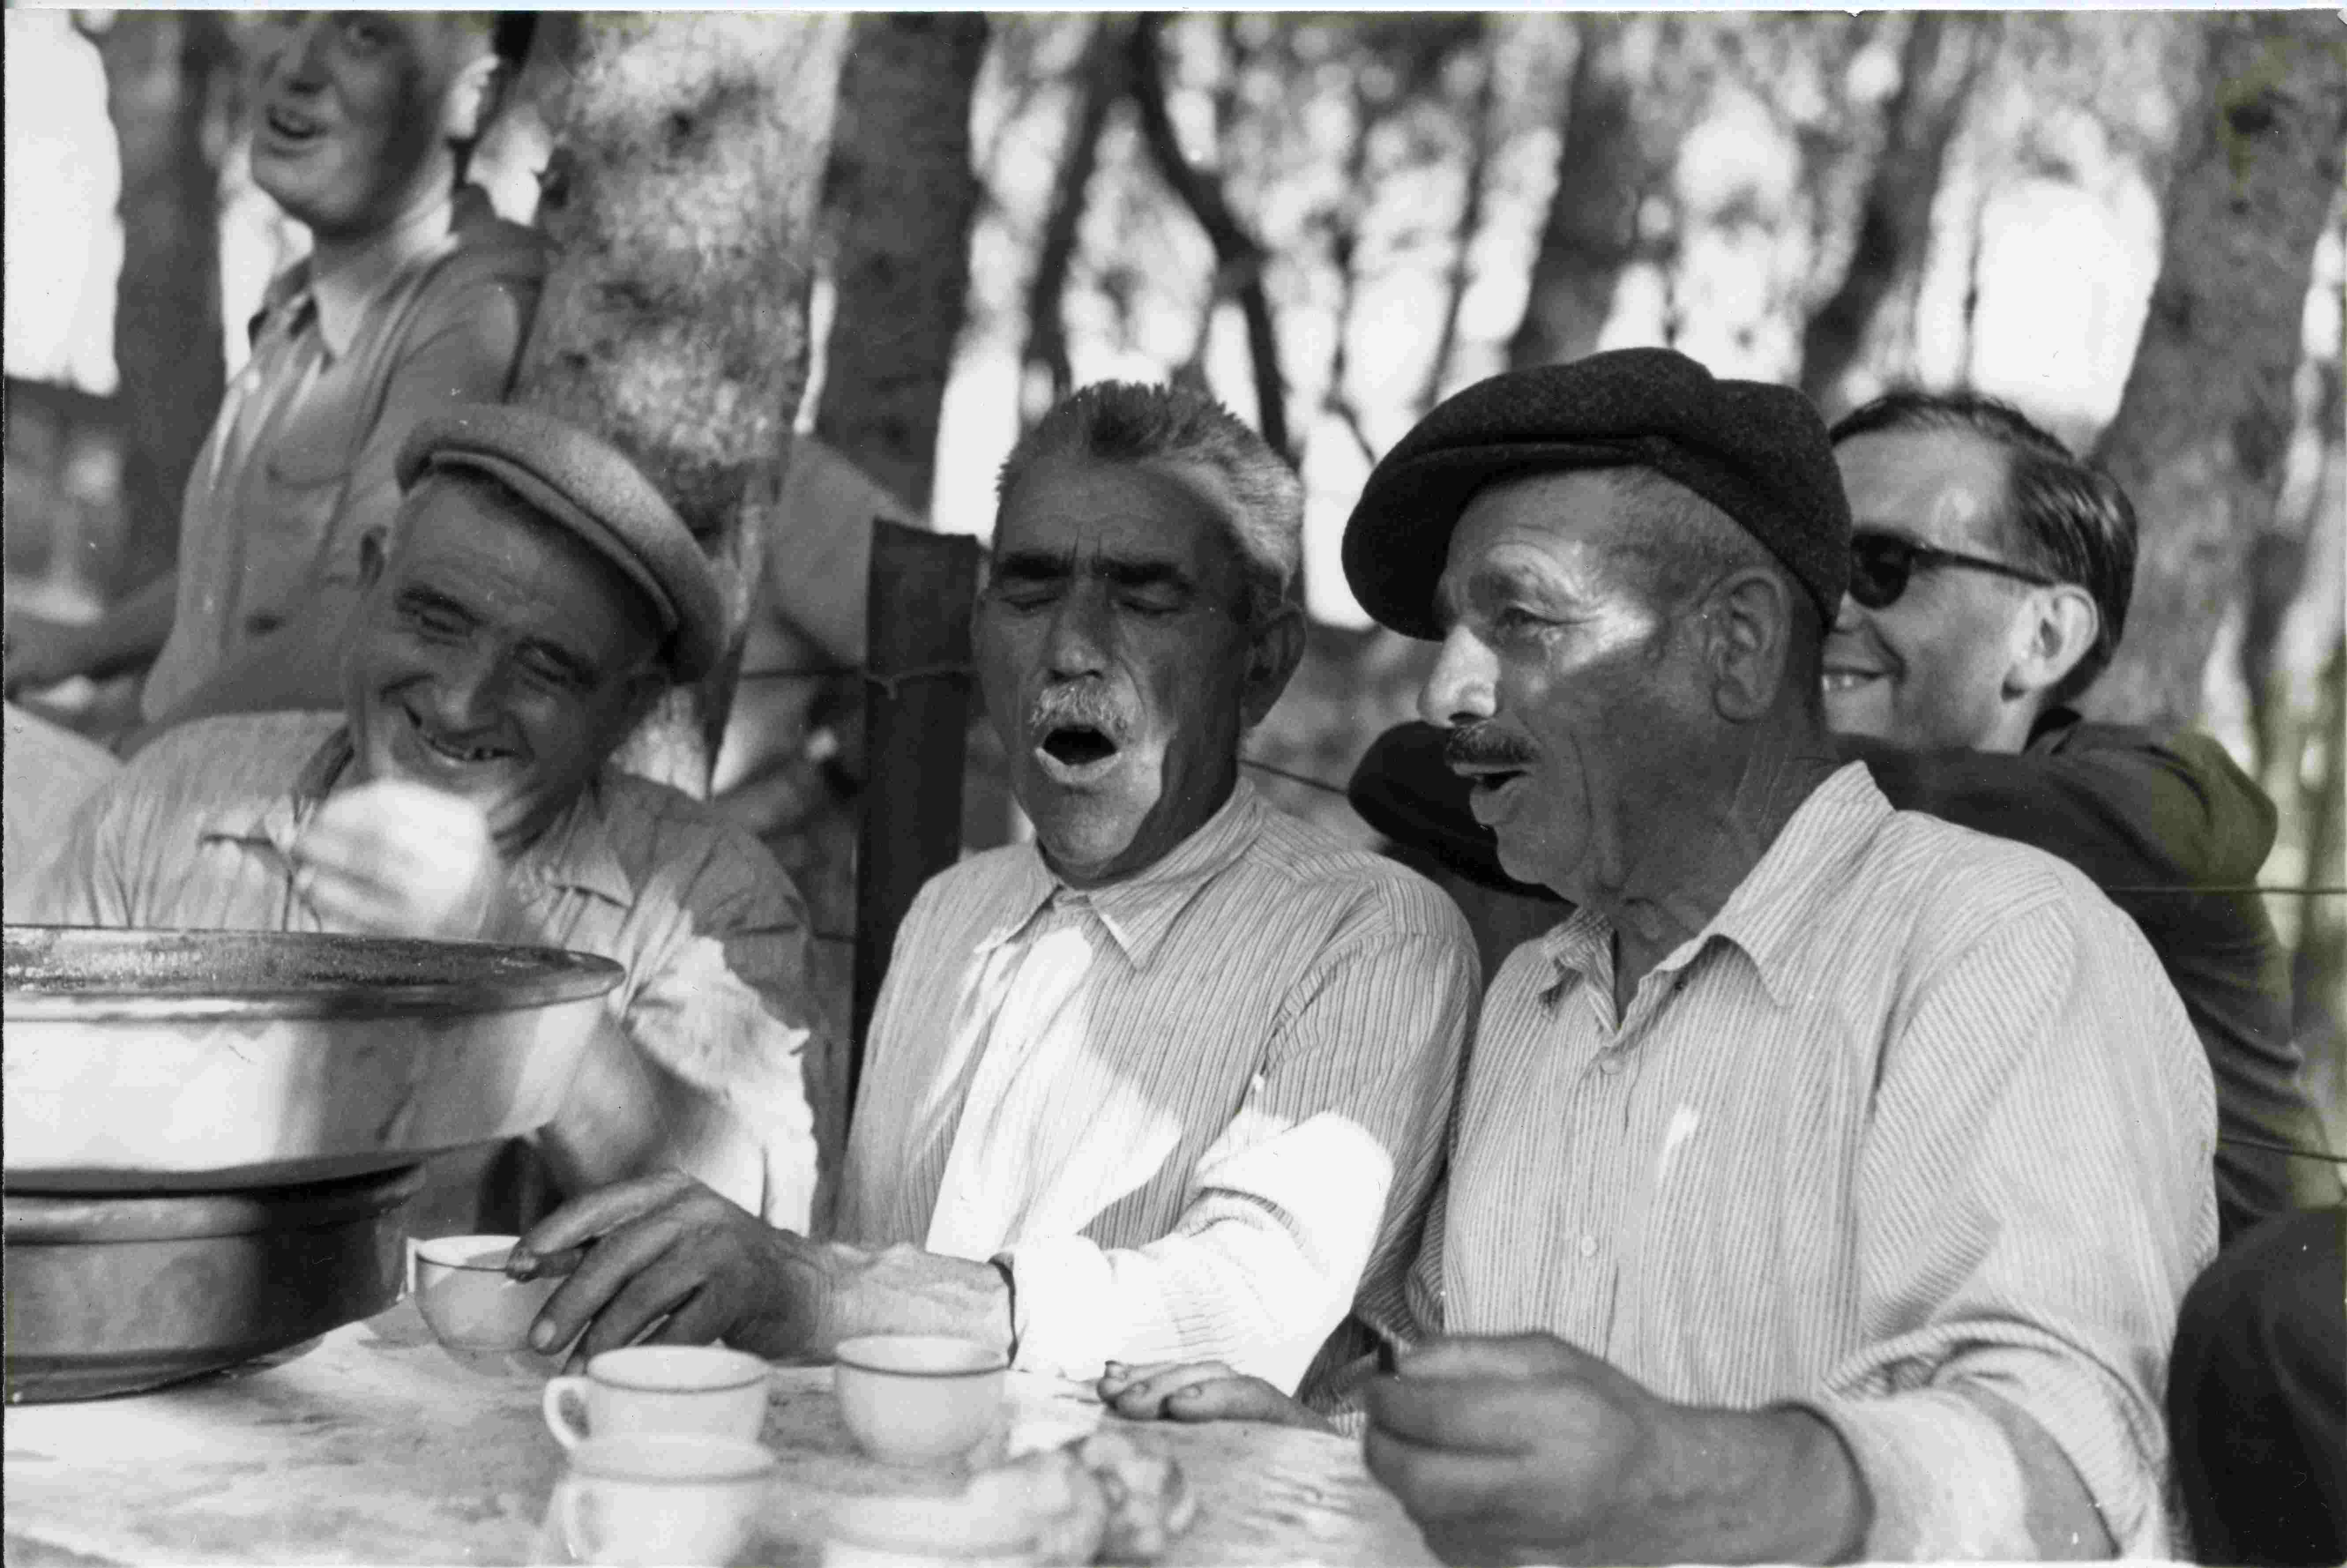 """En Pepet Gilet, en Mèlio Vigorós, """"en blau"""".Havaneres, agost 1944.Aquesta imatge la mateixa cedent la va ingressar el 1999 (I.16/99). Veure BD Imatges negatiu 3500. Atenció hi consta diferent informació, arrossada al Pinell (Llafranc) aproximadament el 1948. Al llibre d'ingressos hi consta arrossada a Calella. I també hi consta d'e/d, segon terme, dret Joan Pericot i assegut amb ulleres de sol, Joan Baca. (En """"Pepet Gilet"""" realment es deia Josep Bofill Pirroig)."""